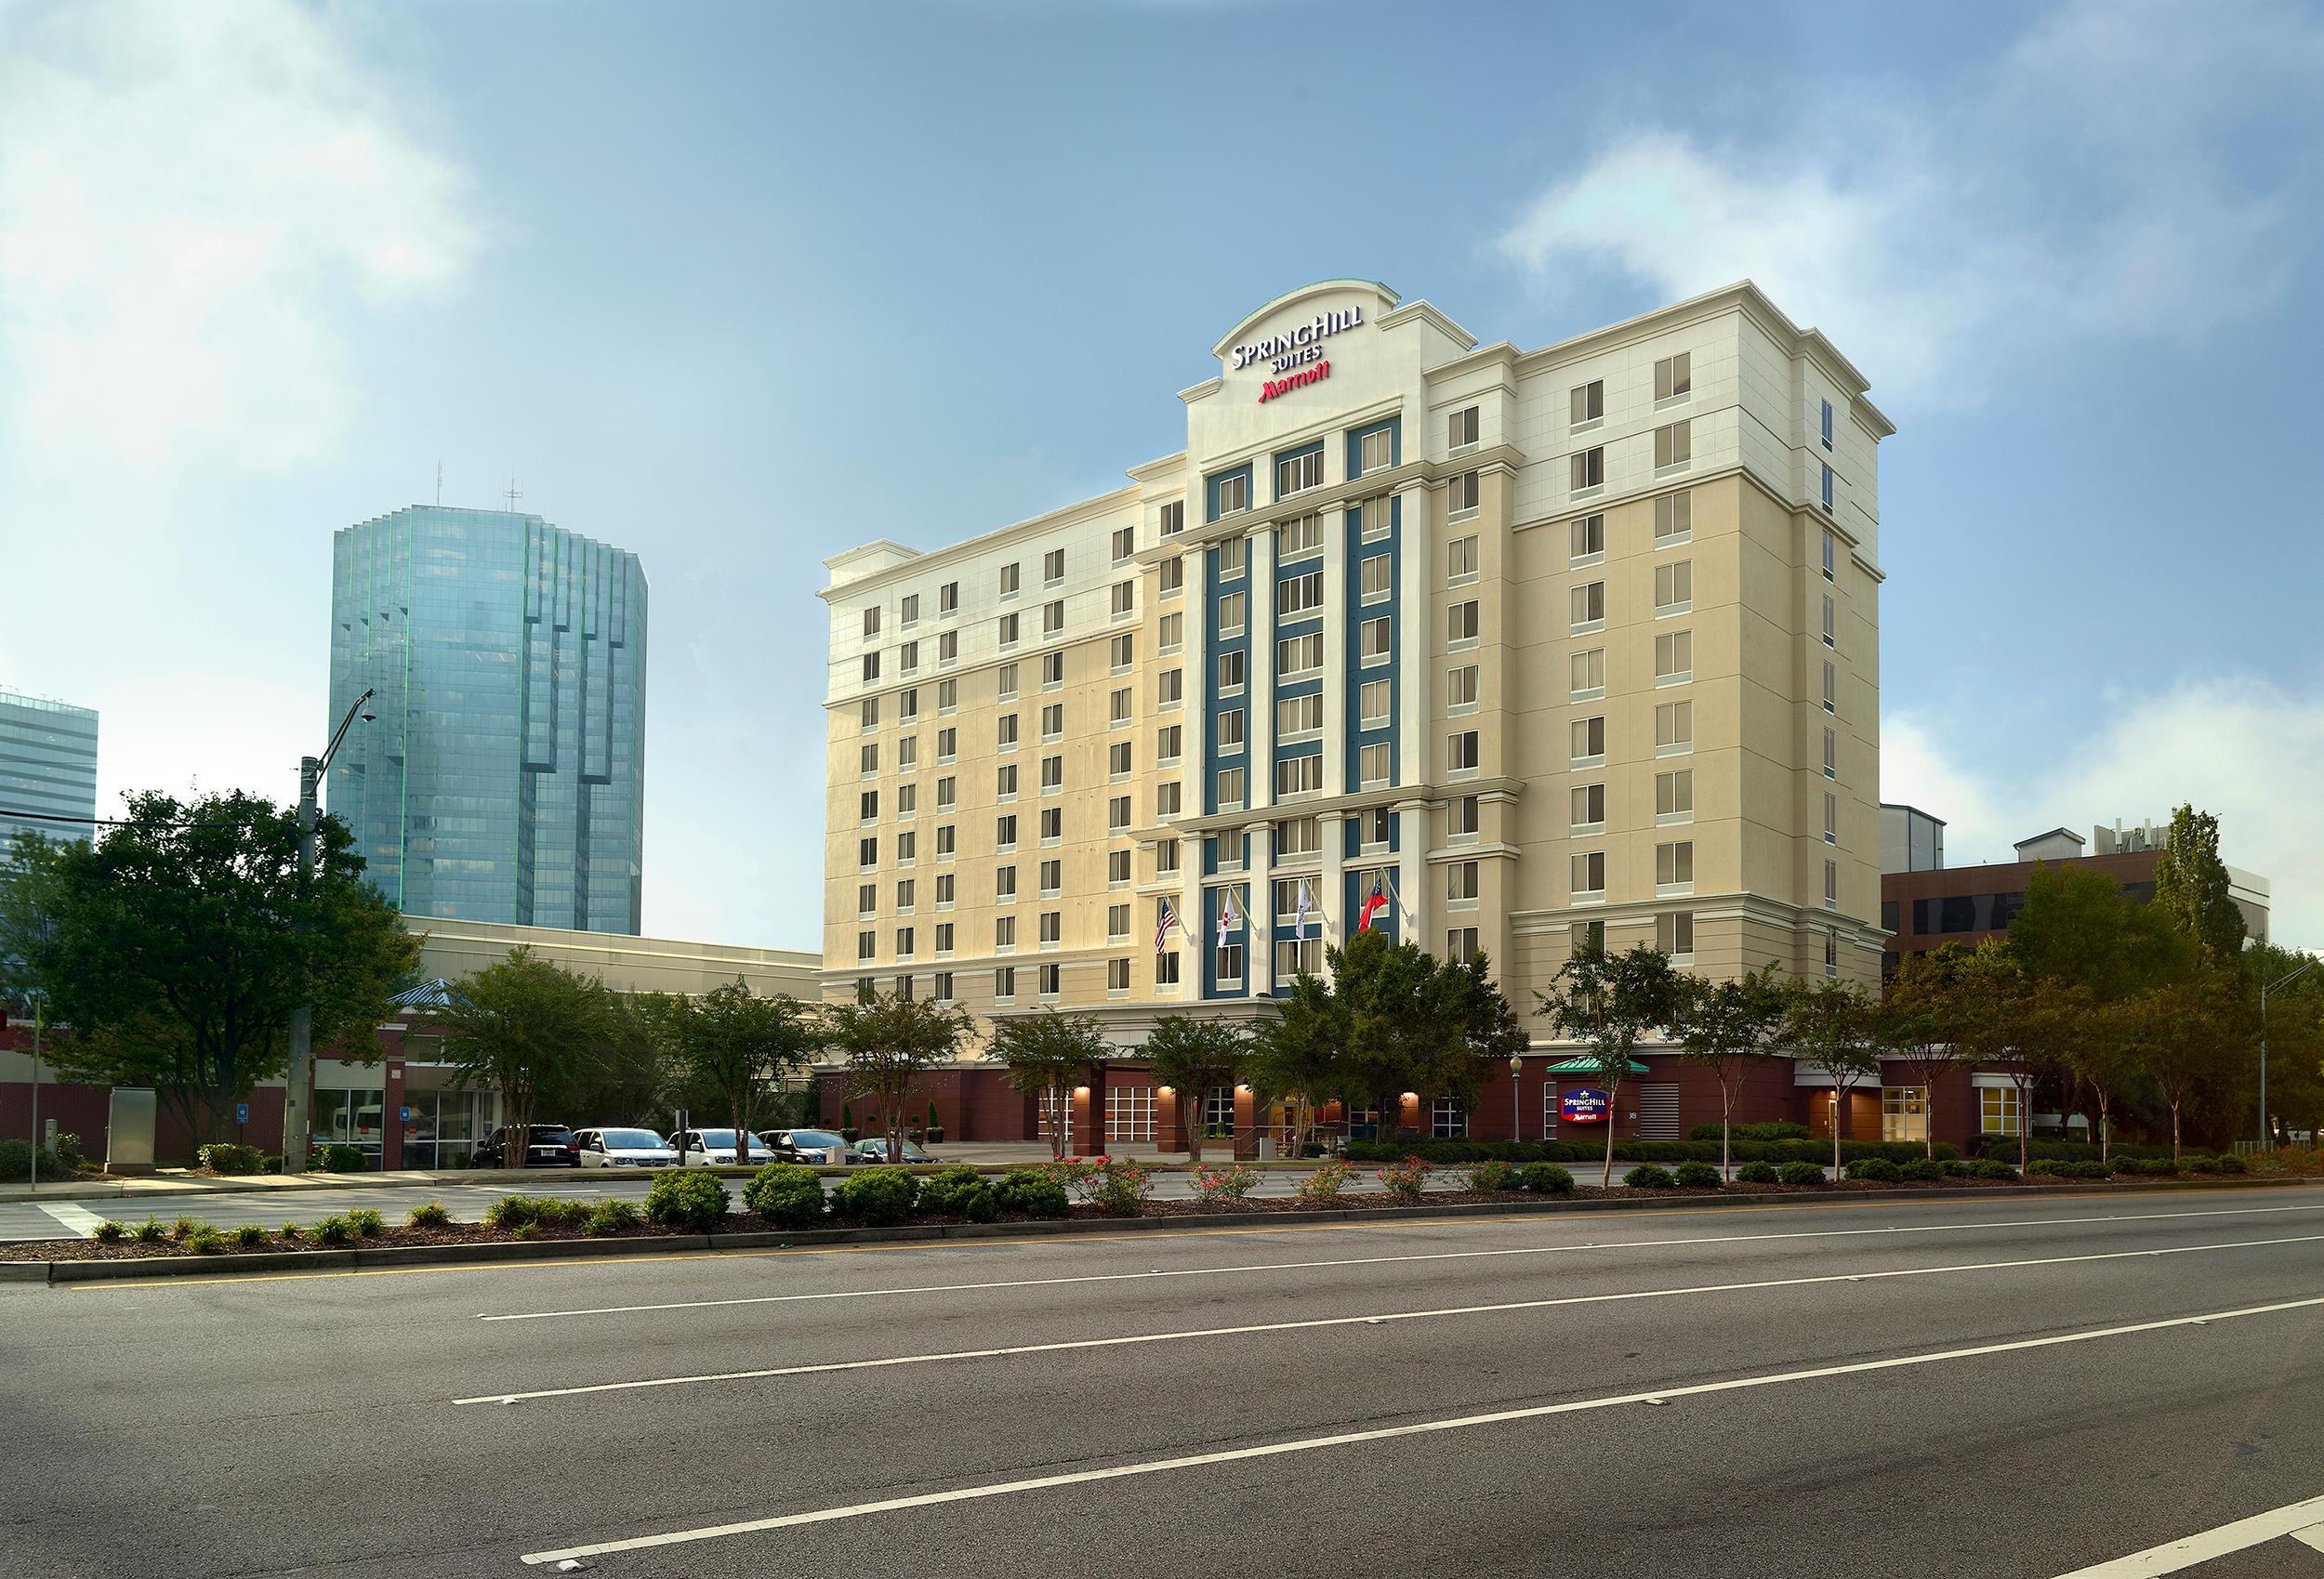 SpringHill Suites by Marriott Atlanta Buckhead image 0